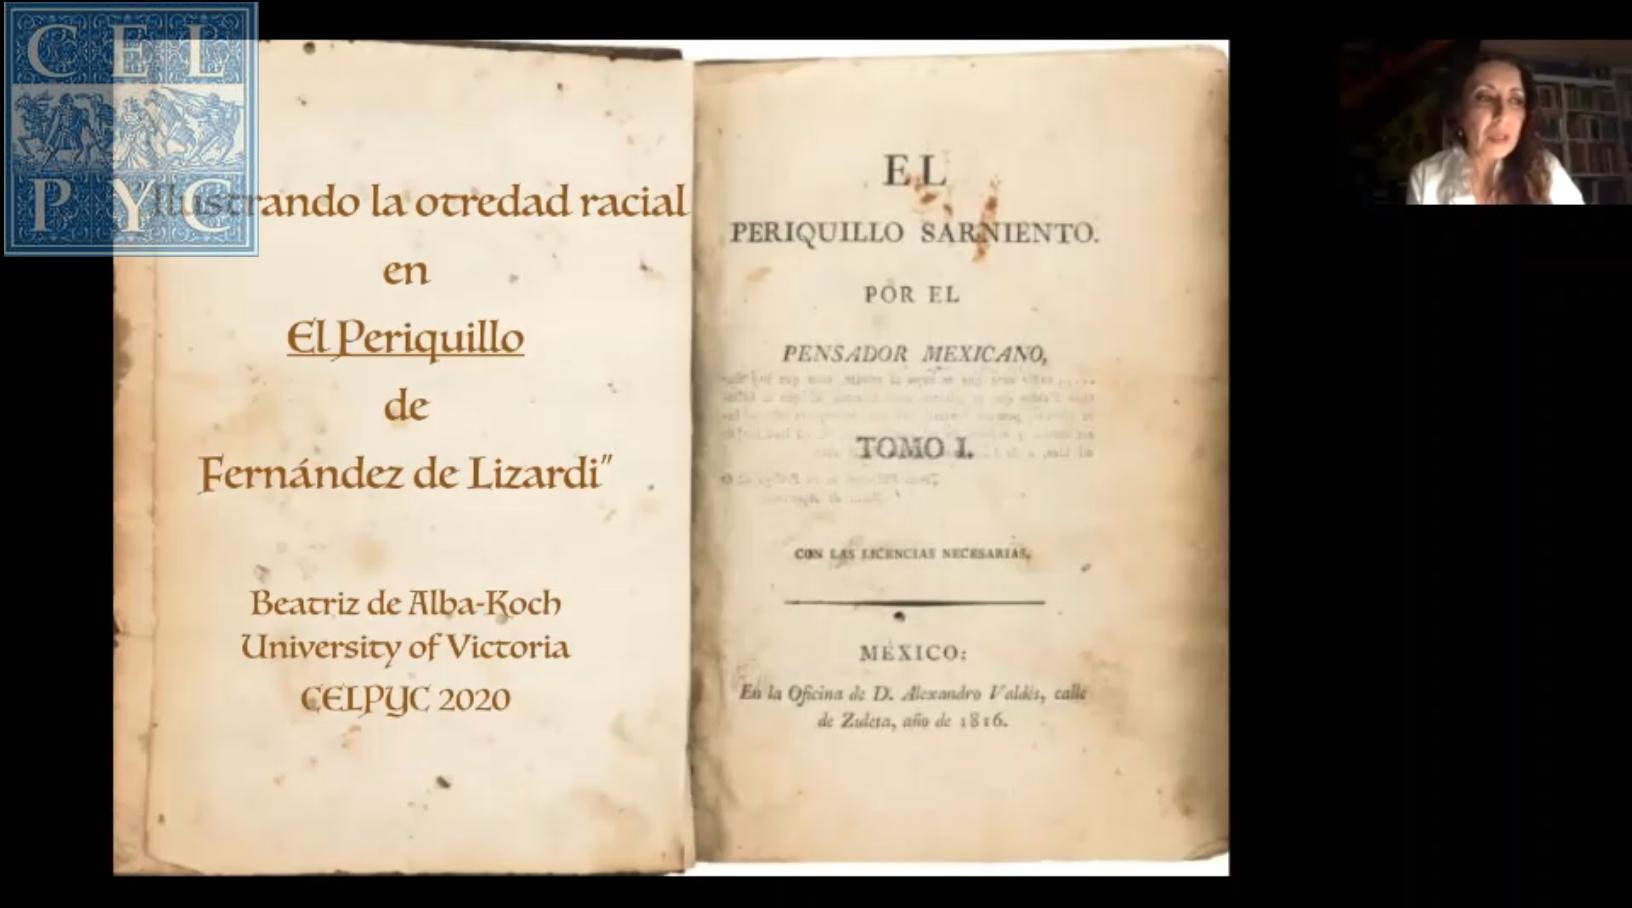 """Ilustrando la otredad racial en """"El Periquillo"""" de Fernández Lizardi – Beatriz de ALBA-KOCH (University of Victoria)"""